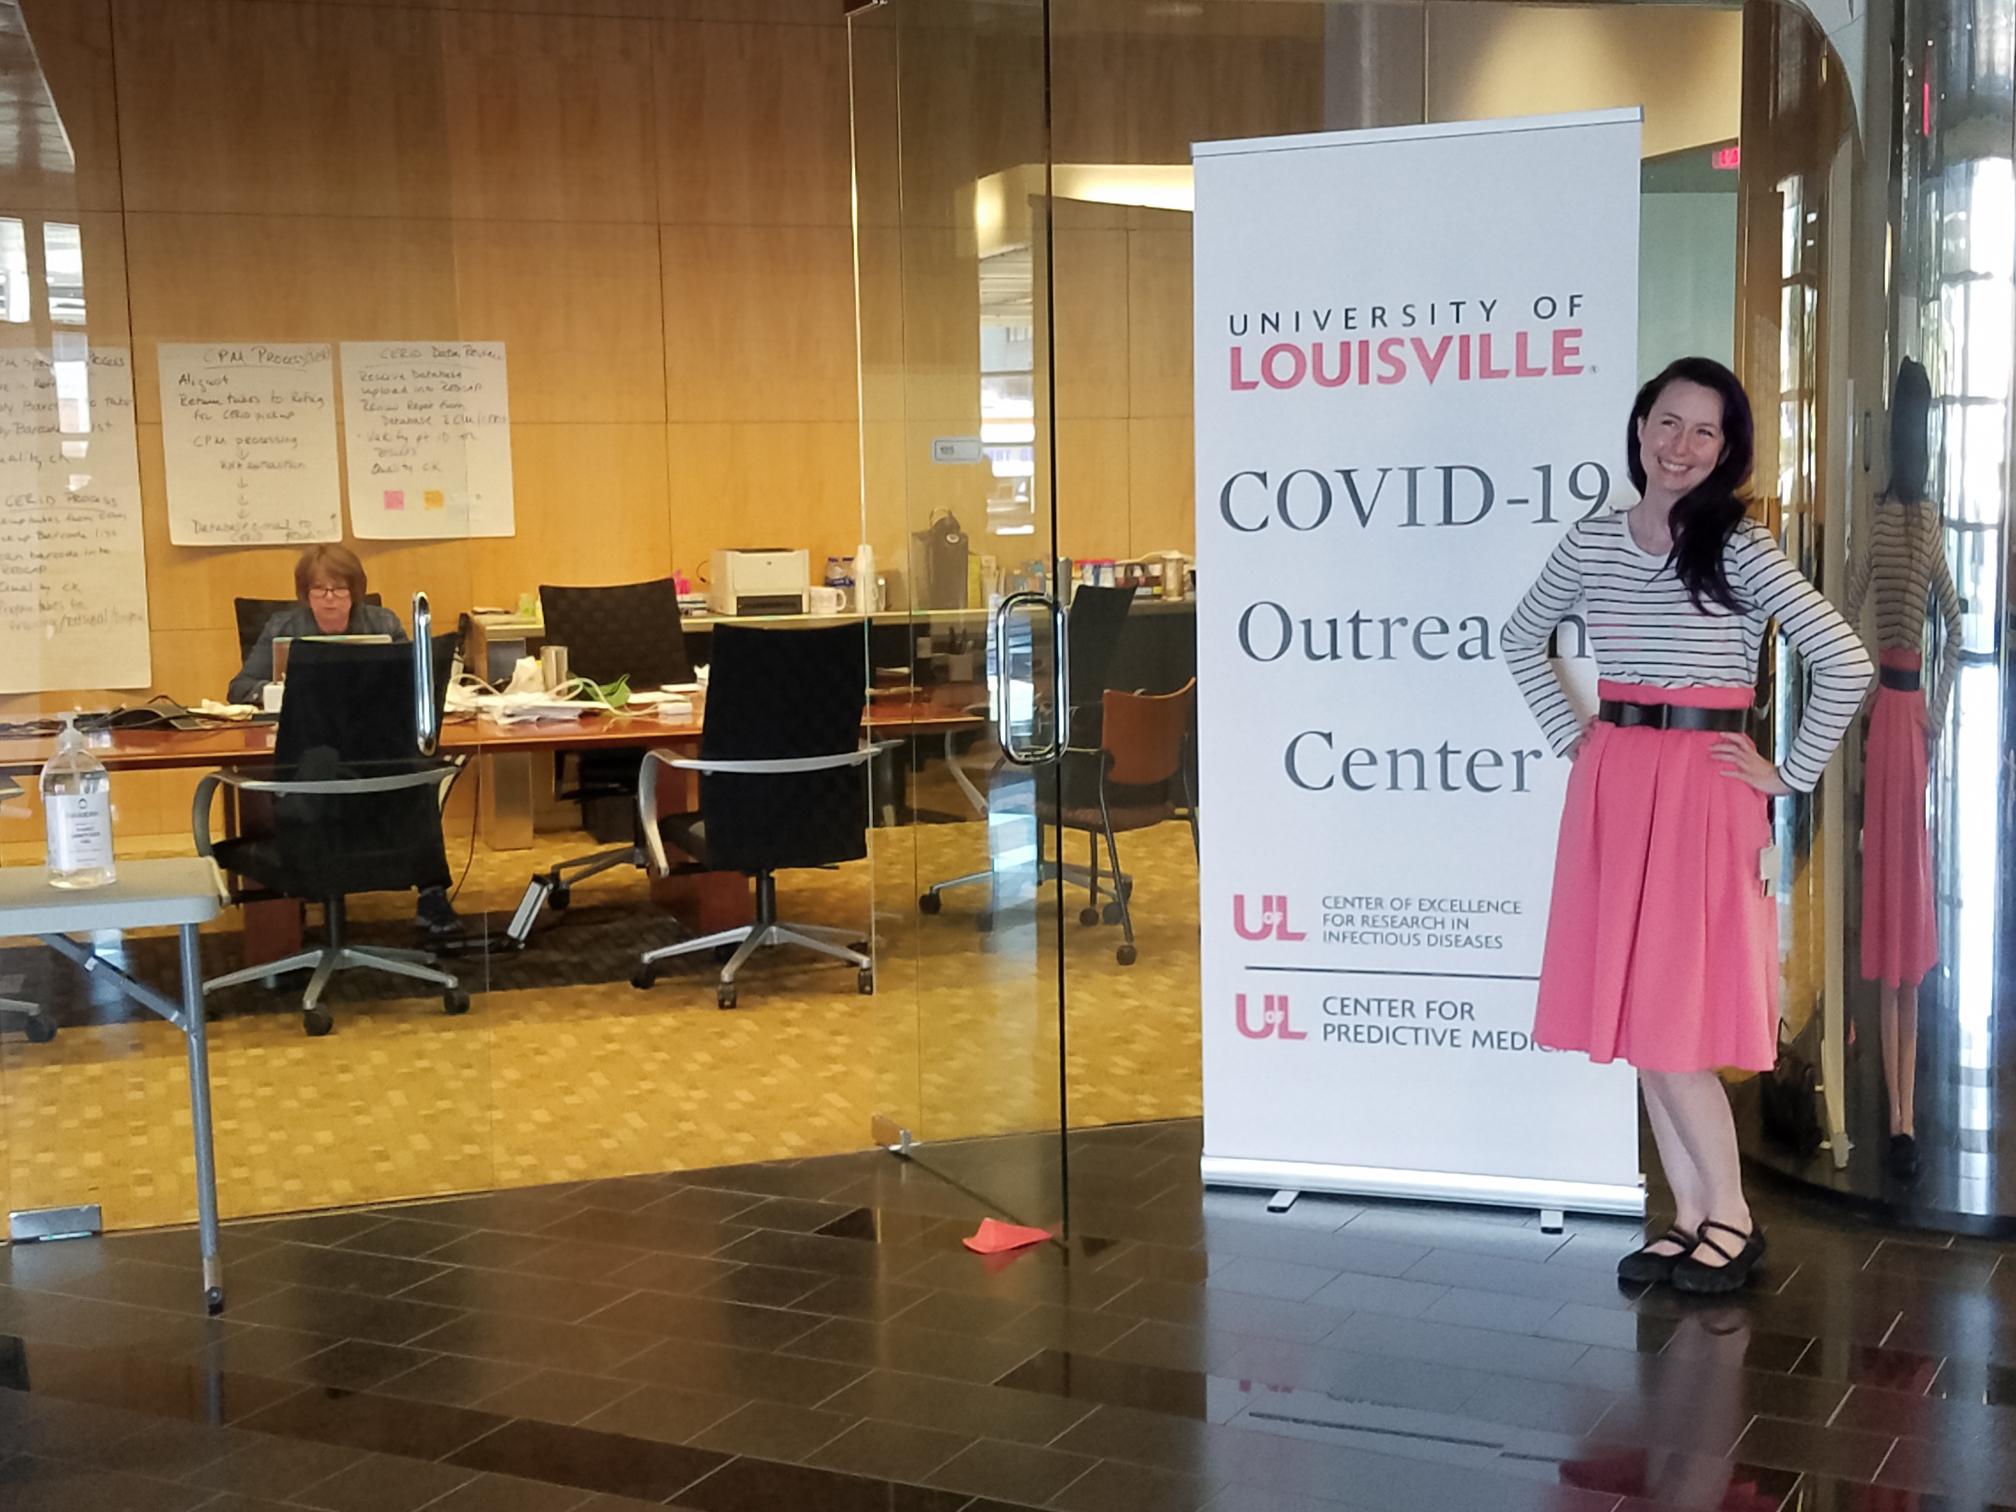 Jessica Petrey at COVID19 Outreach center